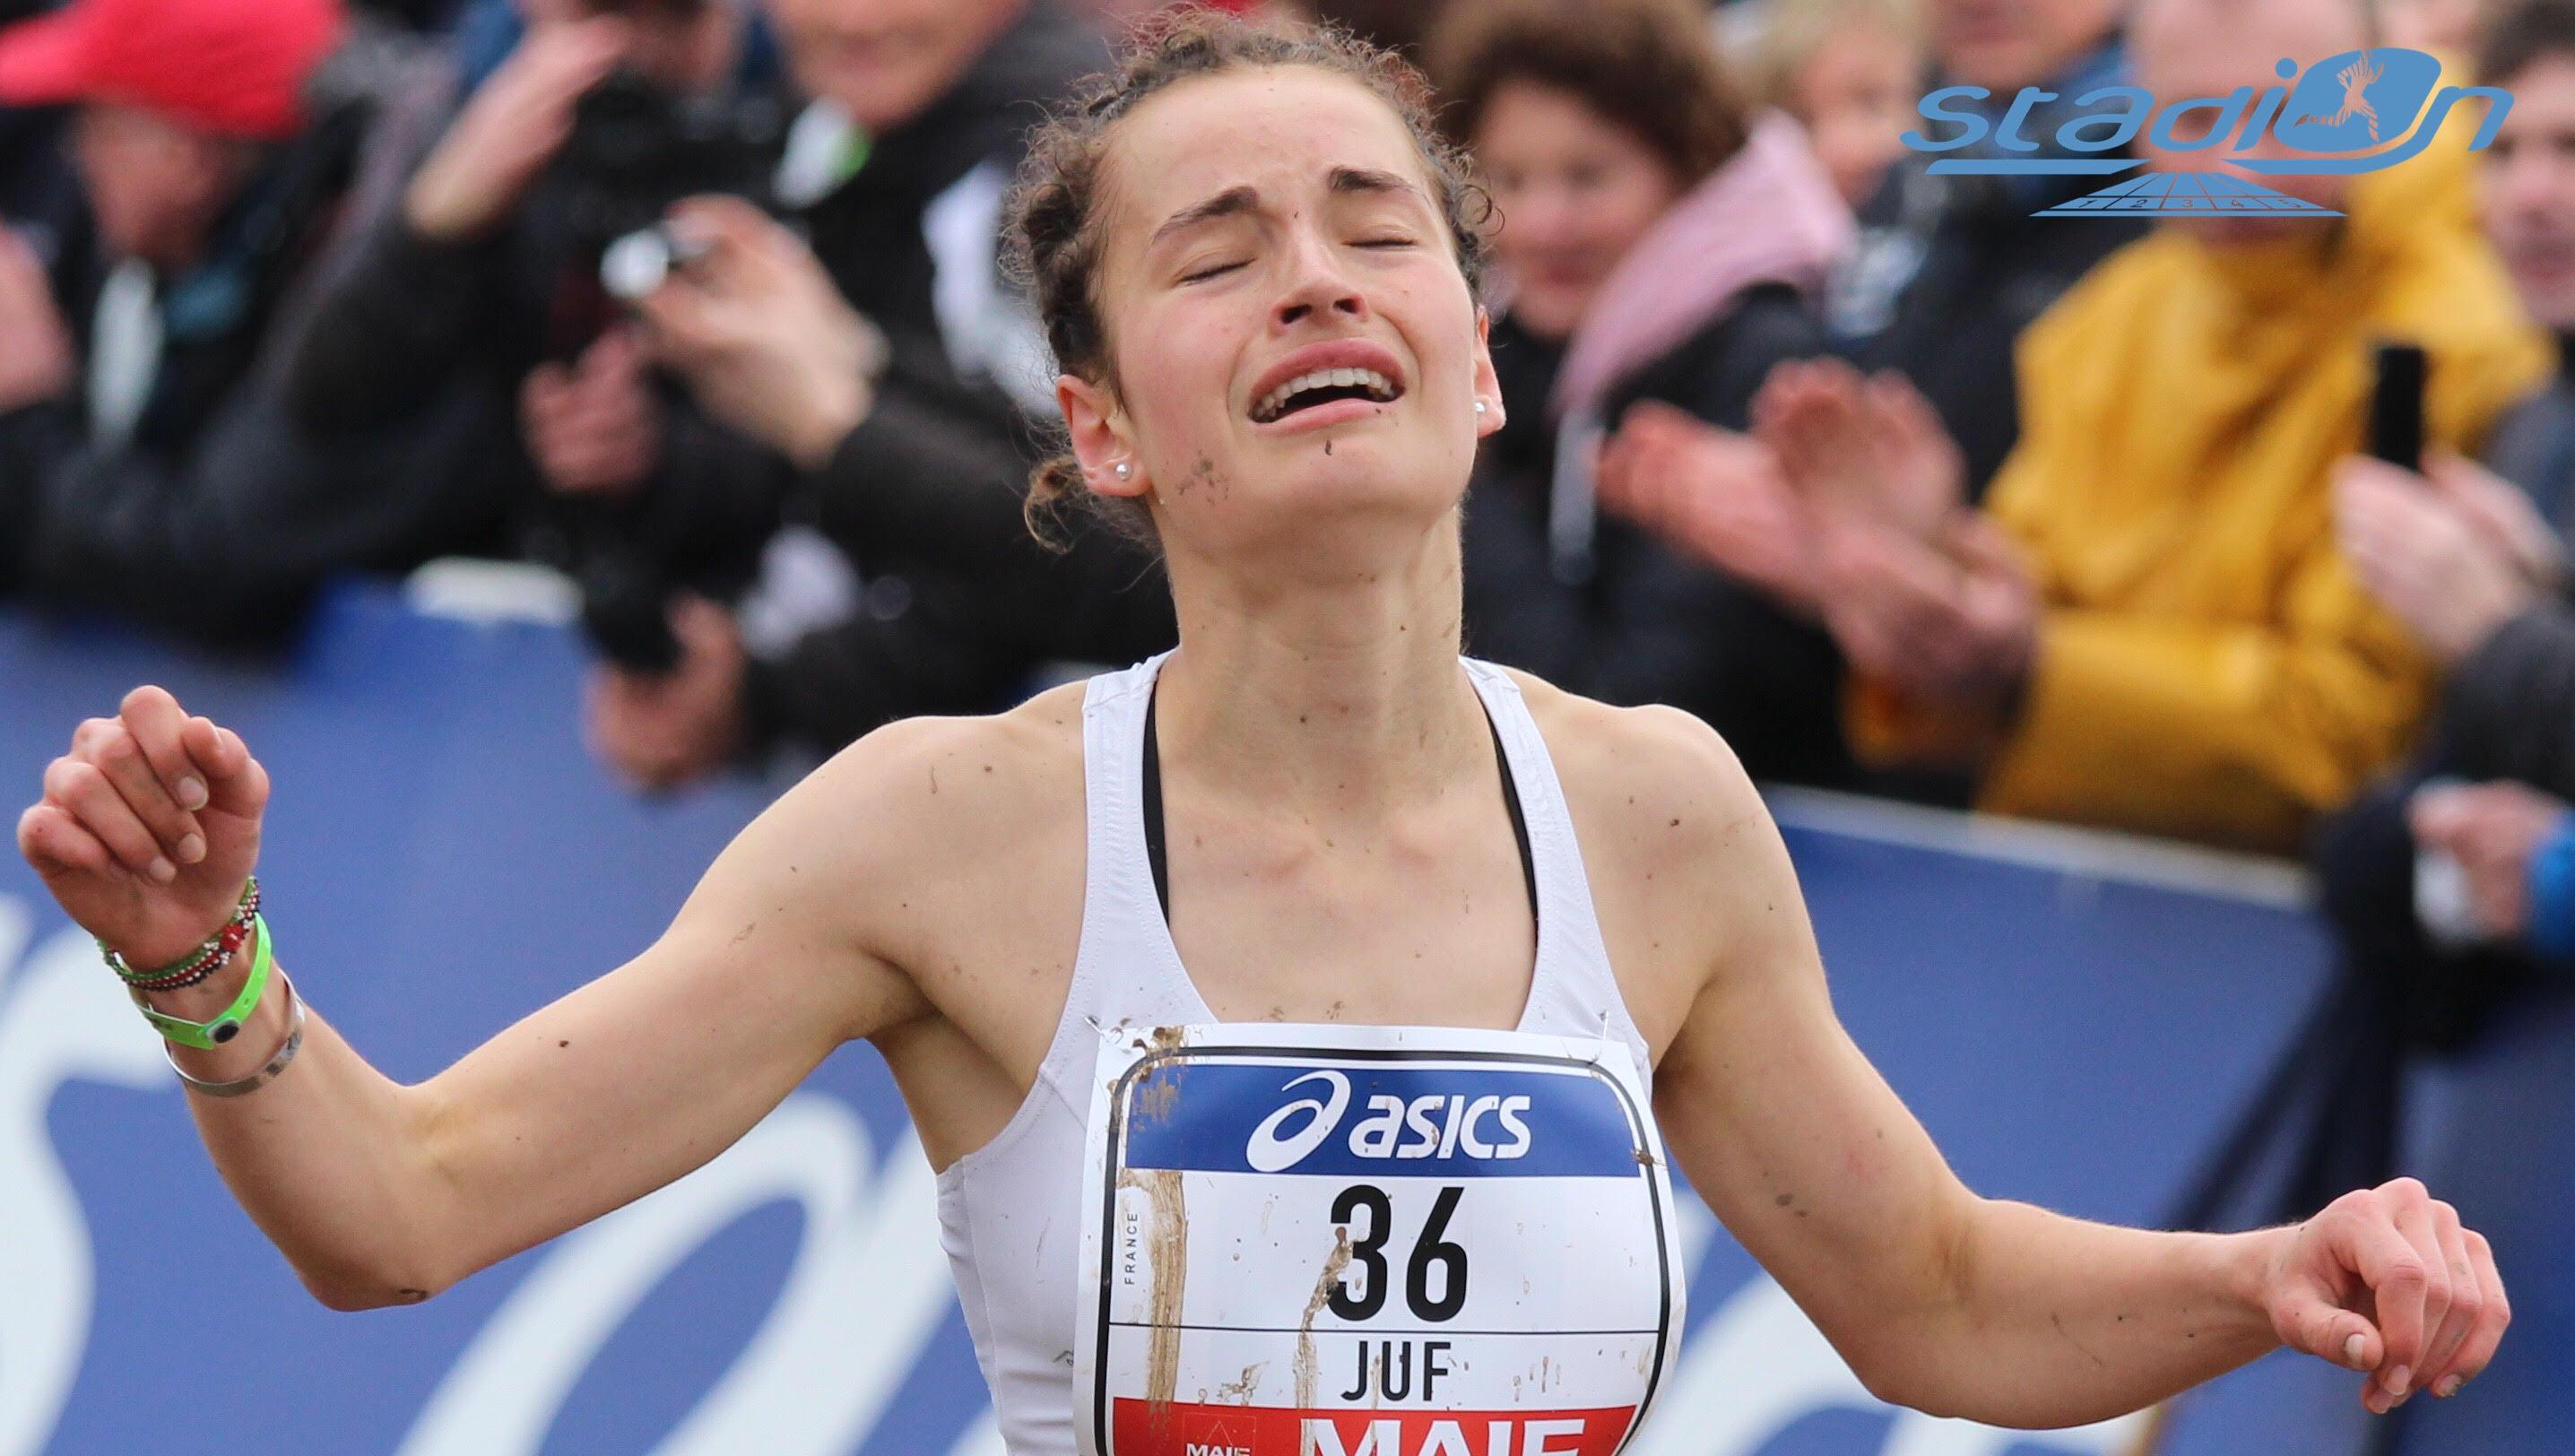 Championnats du monde scolaire de cross-country : Emilie Renaud intègre le top 10